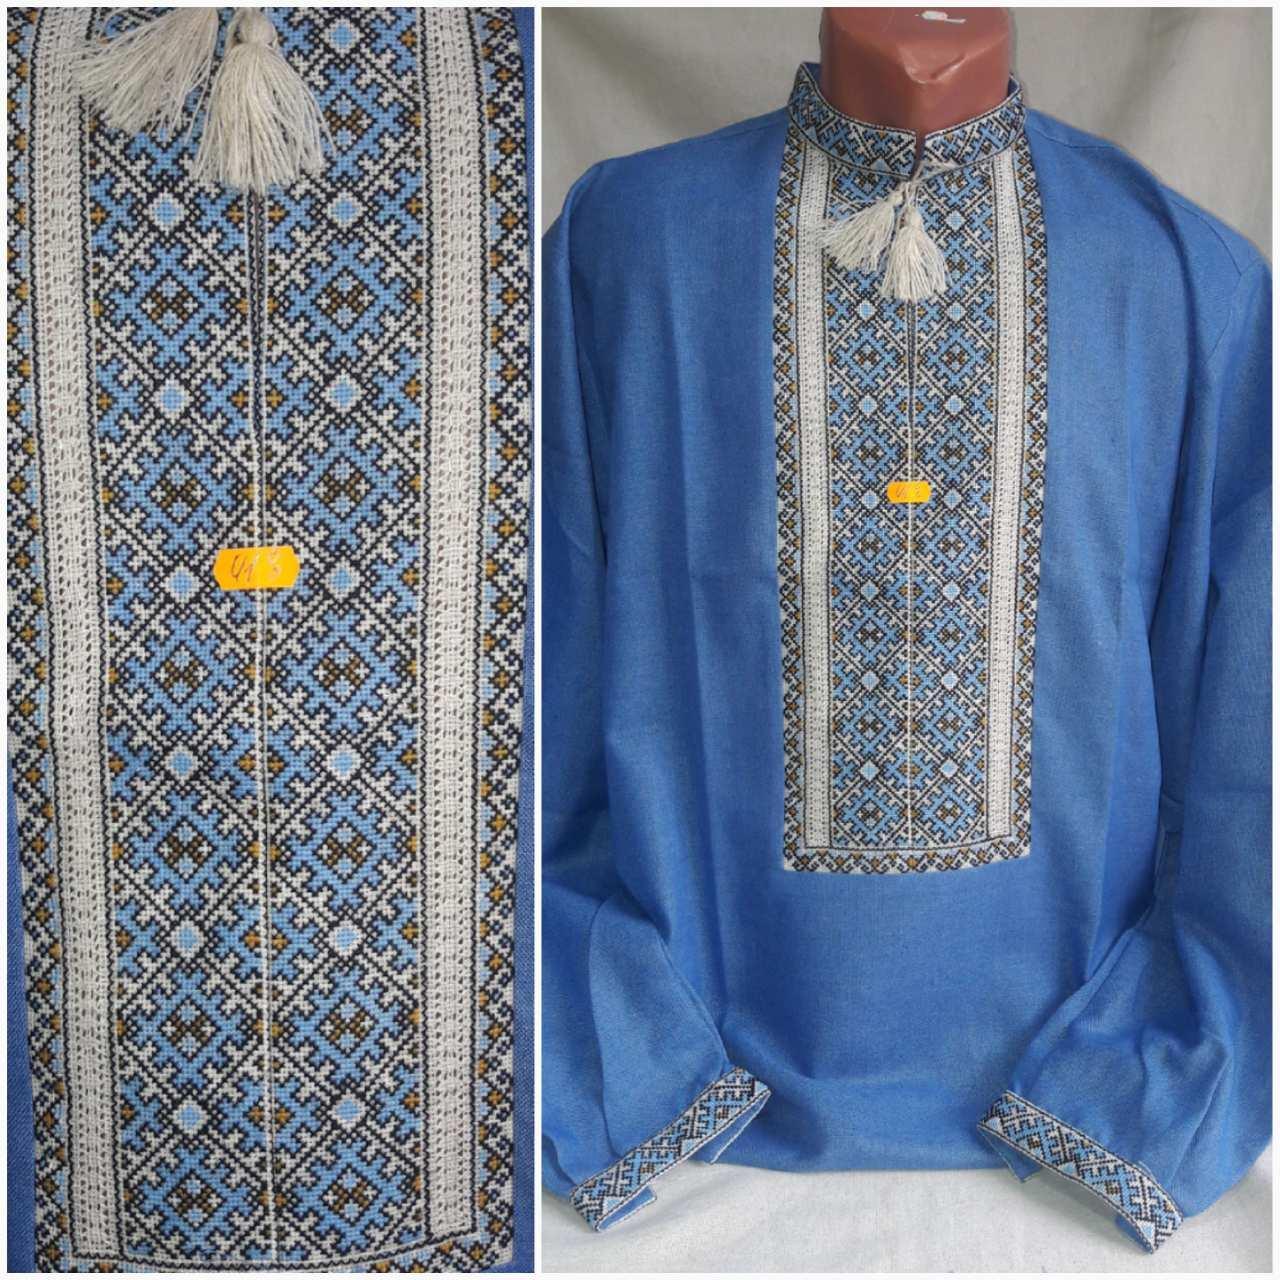 """Стильная вышитая рубаха """"Аристократ"""", ручная работа, домотканка, 46-56 р-ры, 950/850 (цена за 1 шт. + 100 гр.)"""